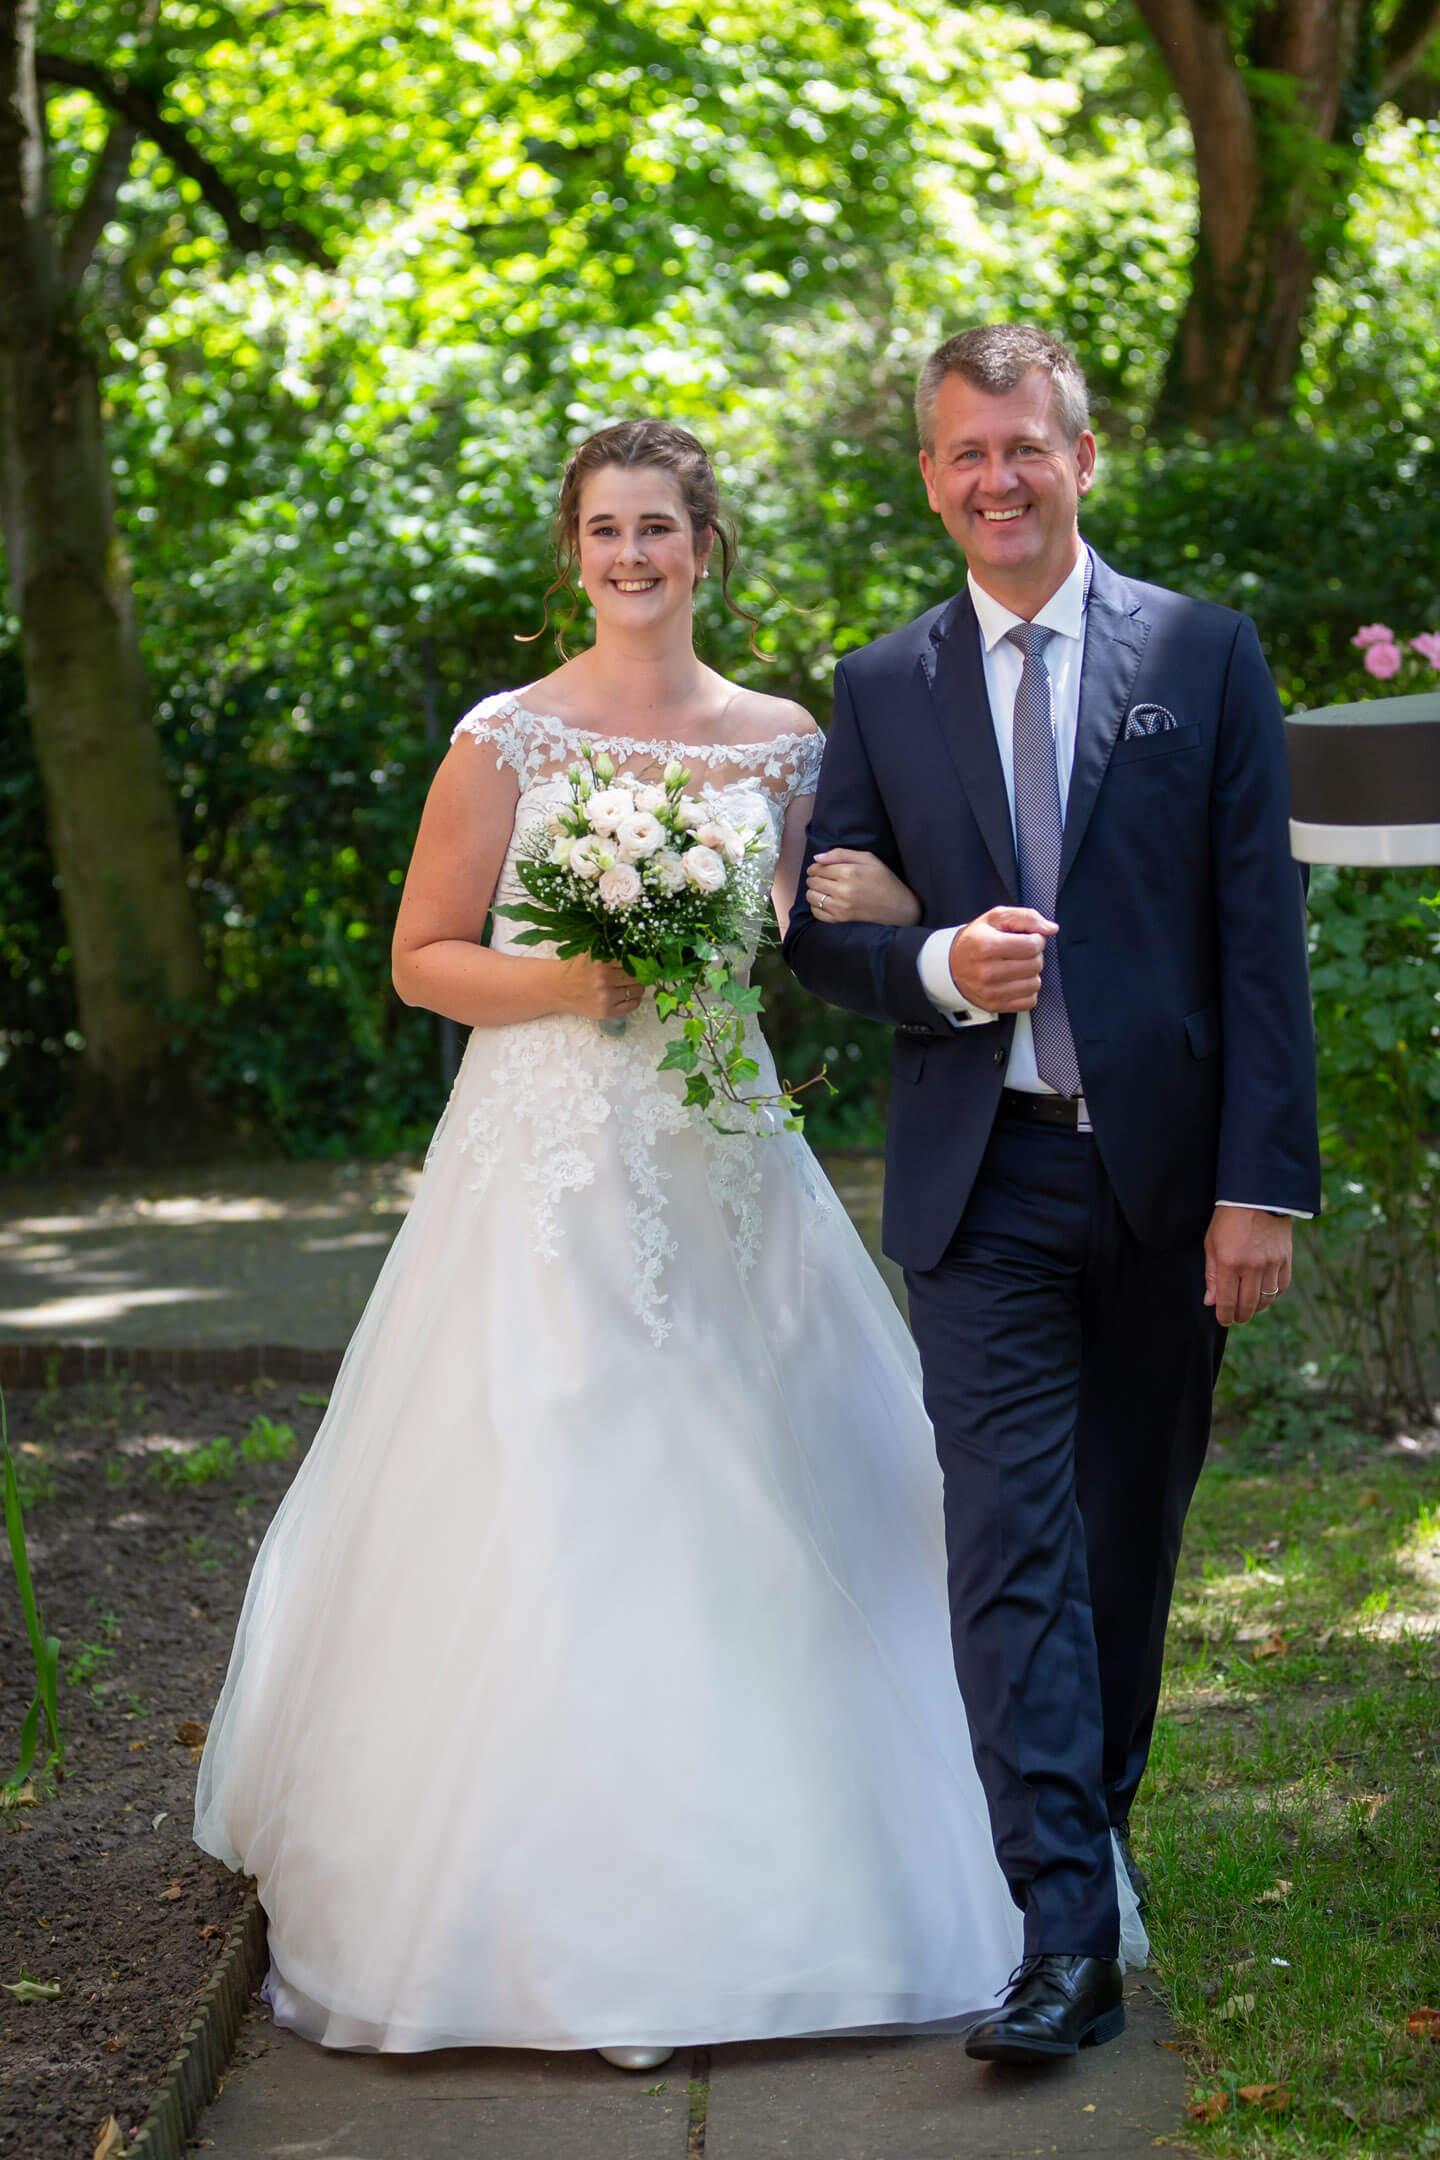 Der Brautvater führt seine Tochter zum Altar